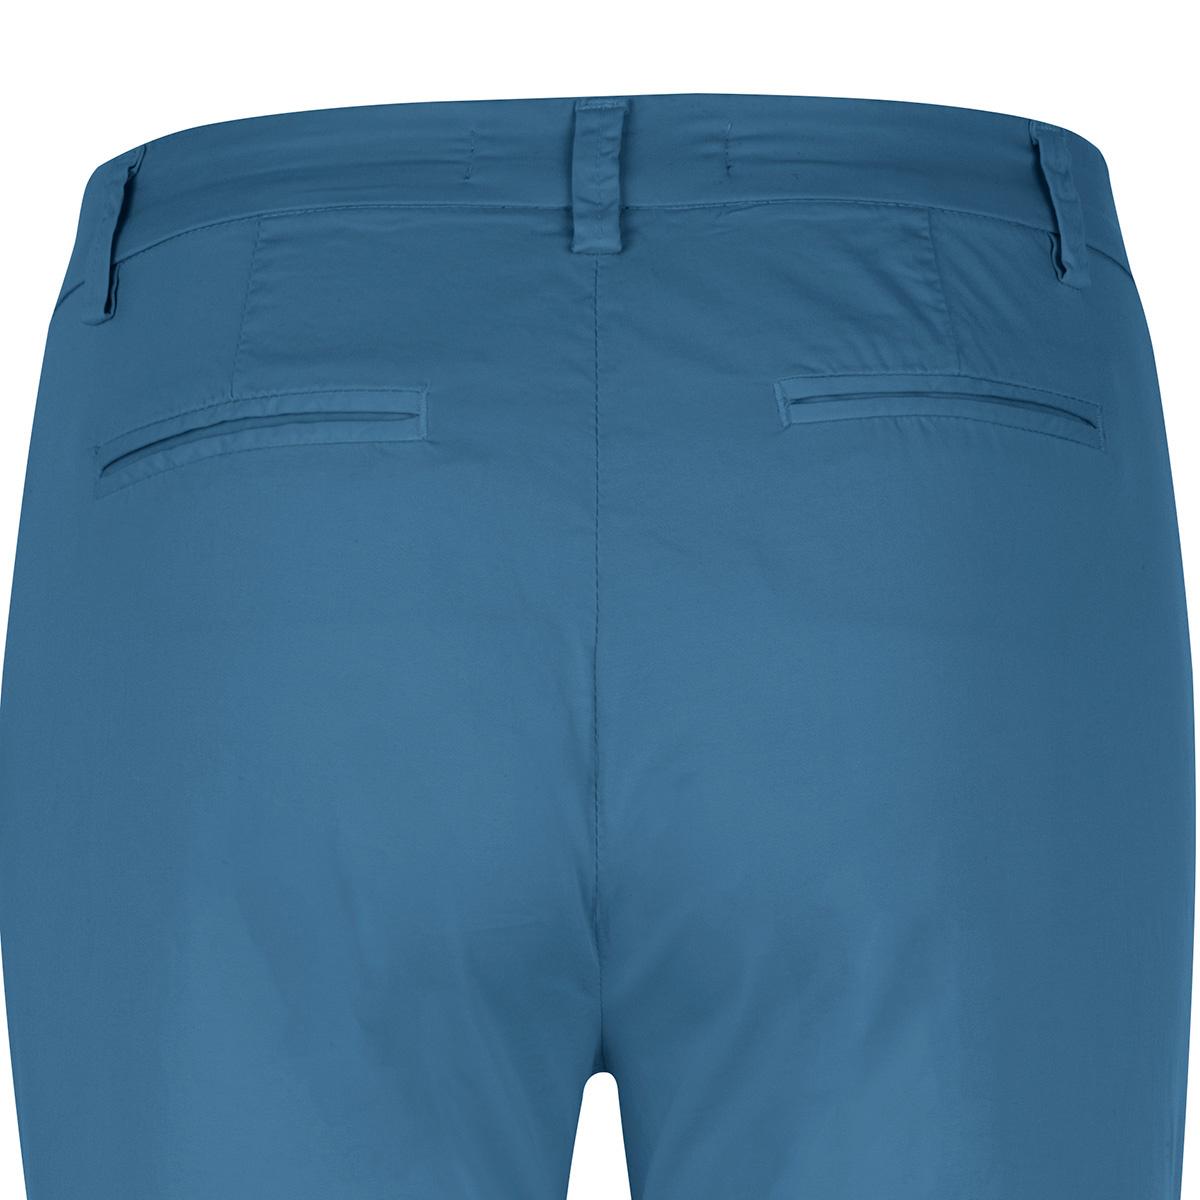 Pantalone Basico